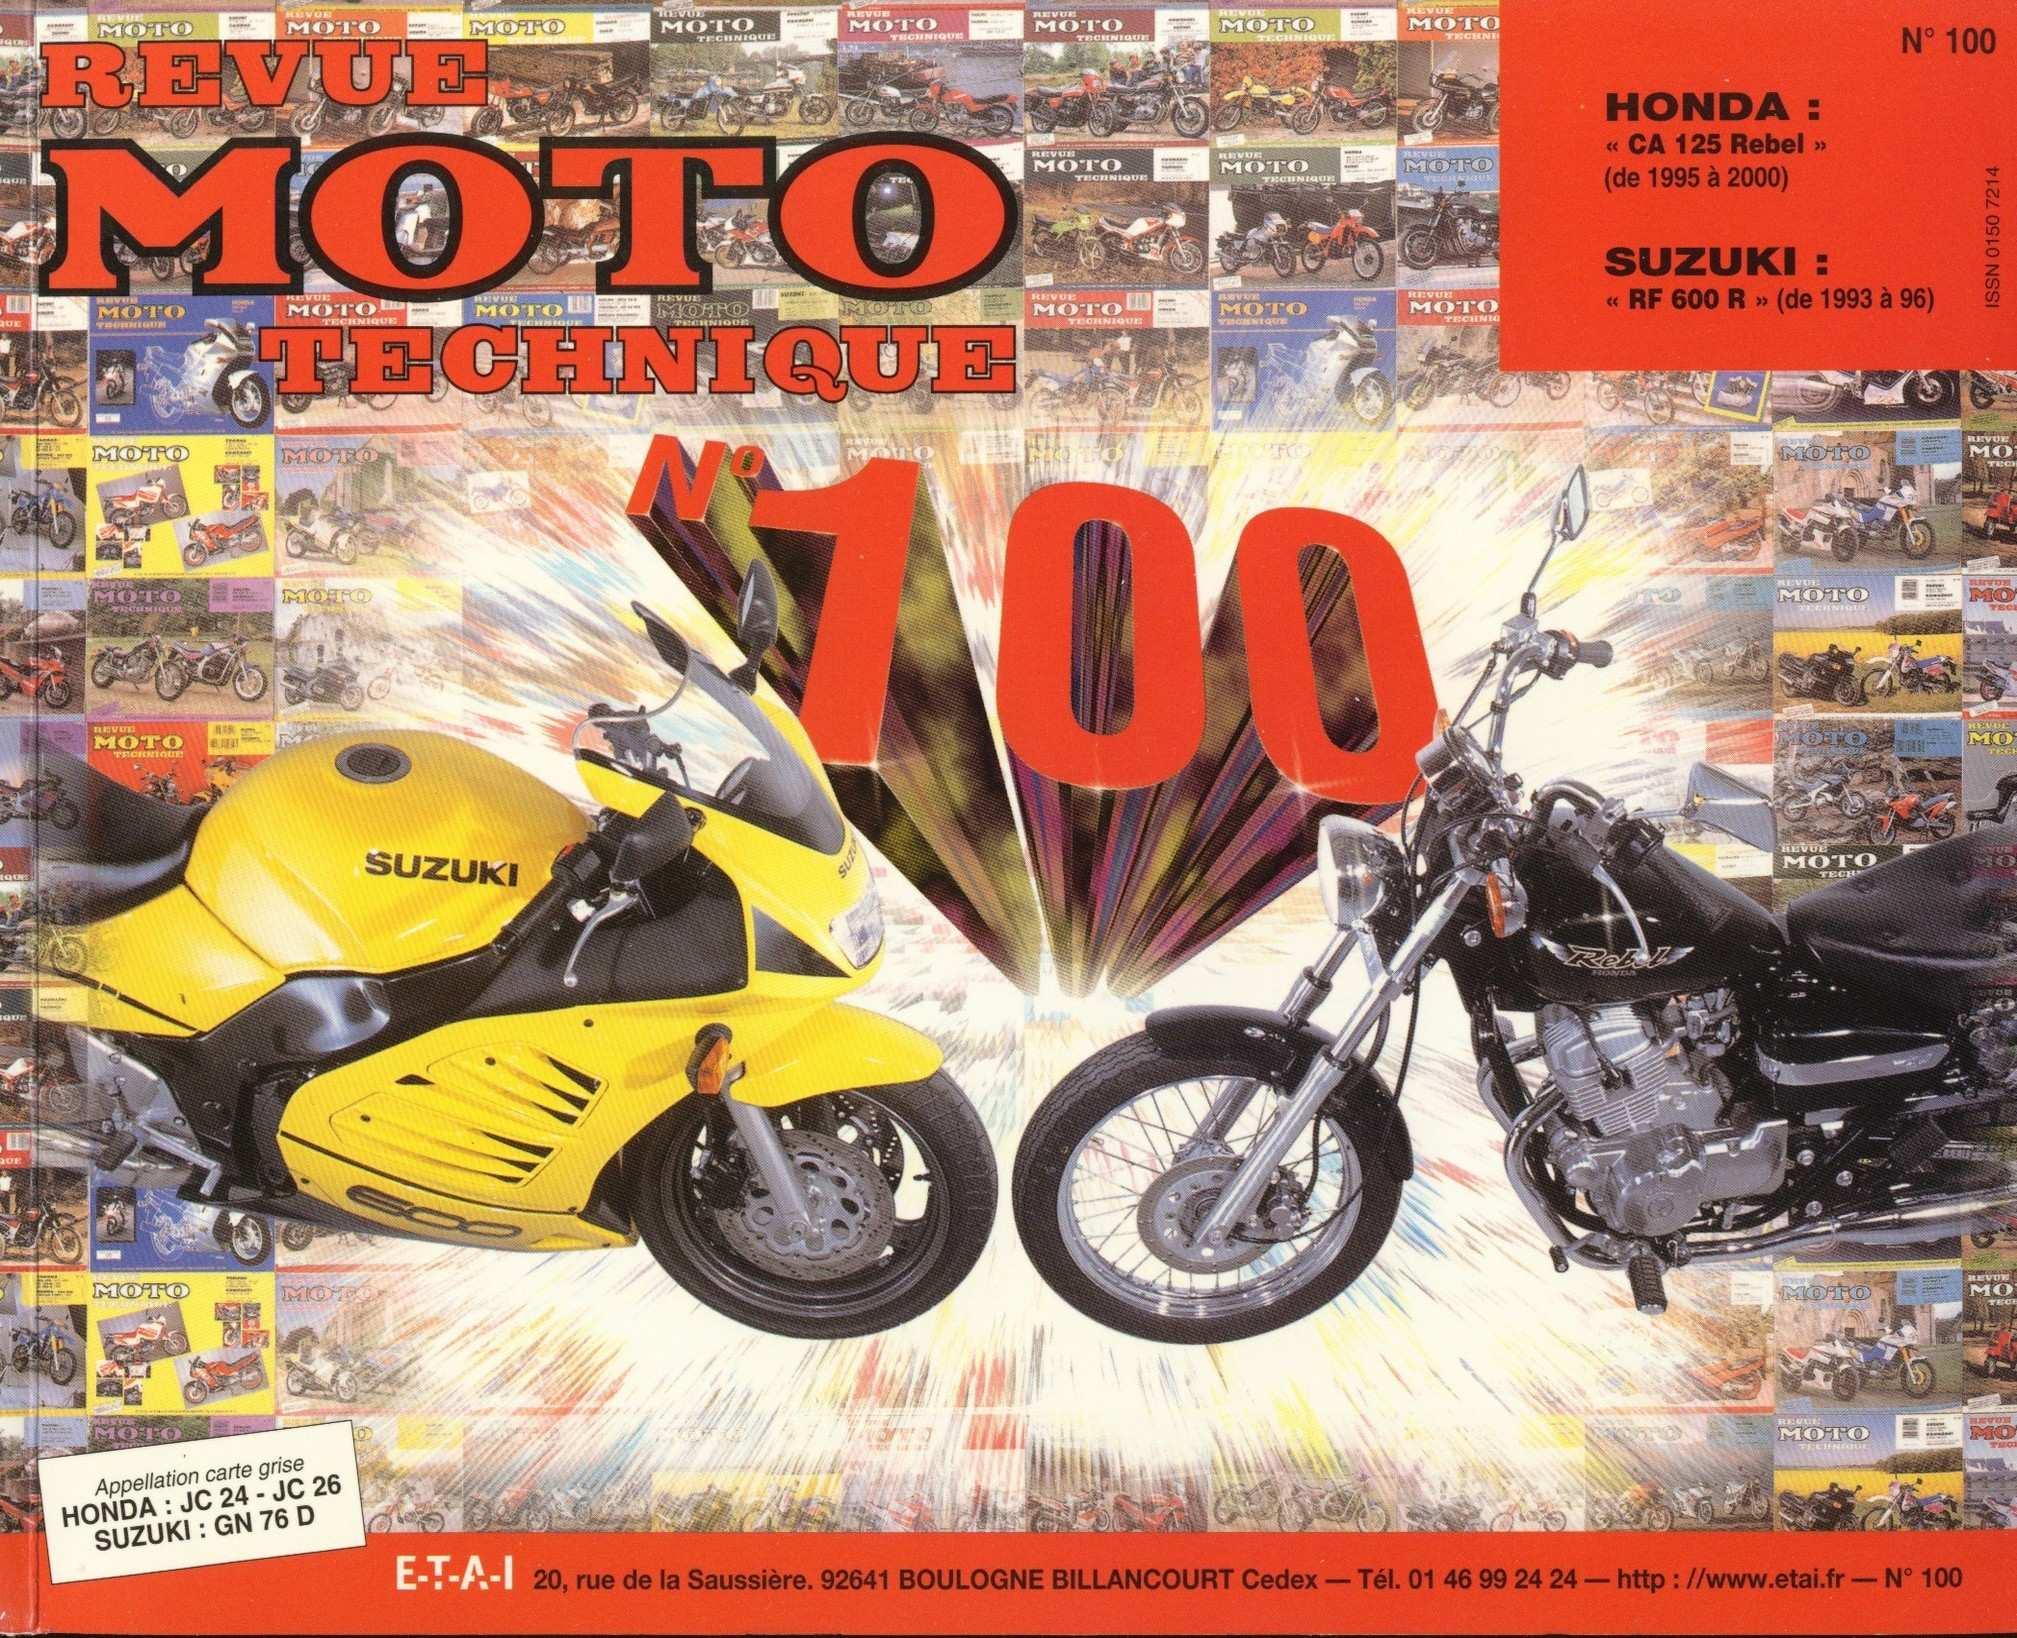 Revue moto technique - no. 100 CA125W Rebel JC24 (1998) (French)